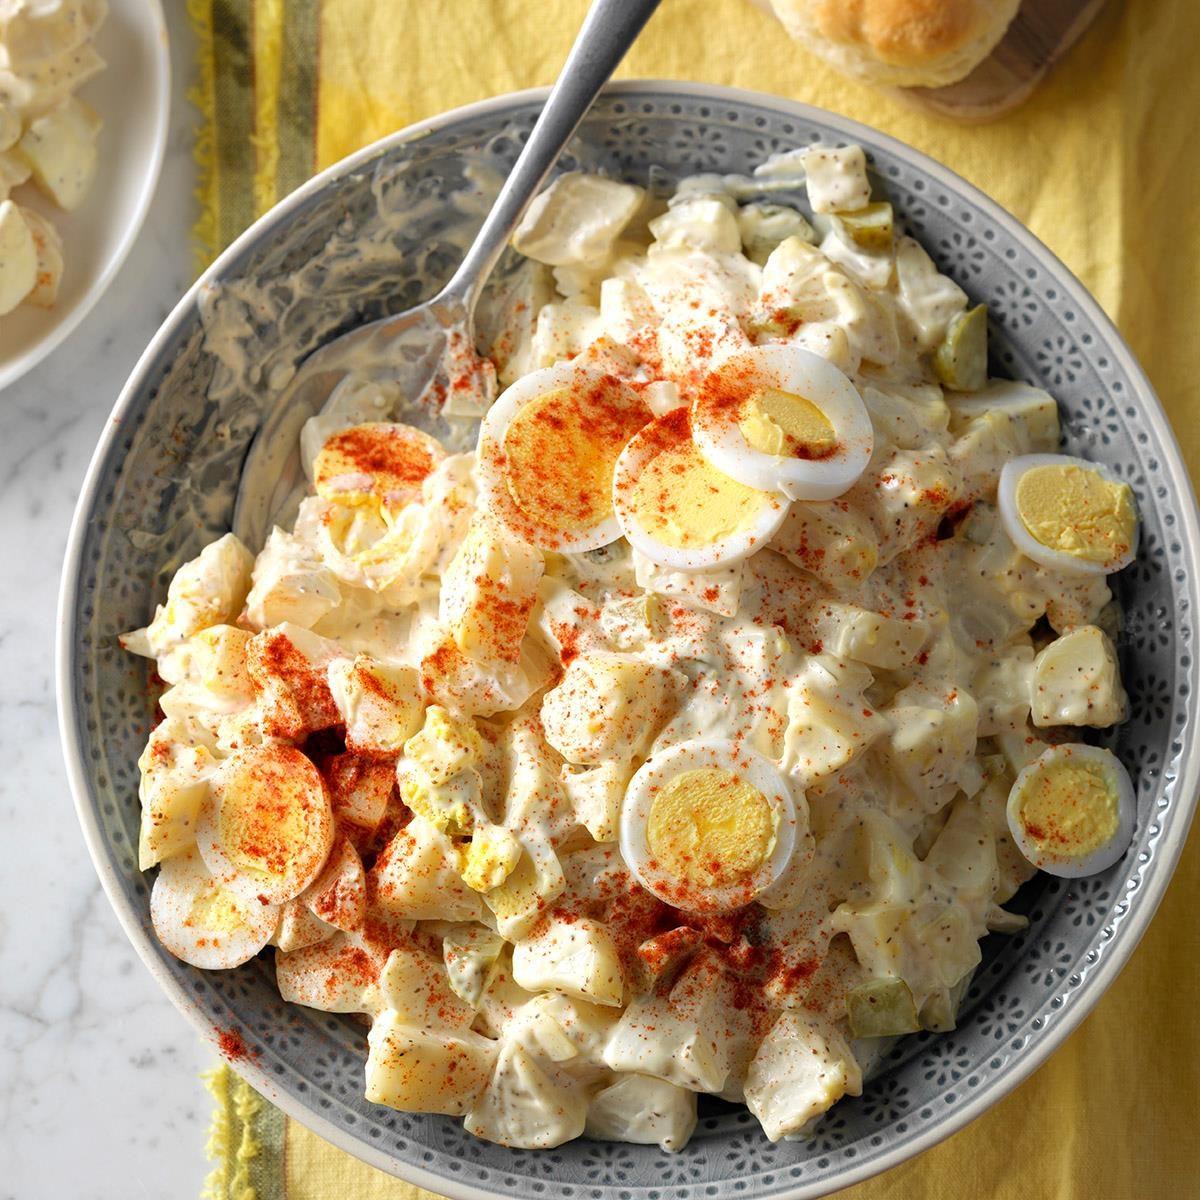 Virginia: Dilly Potato & Egg Salad